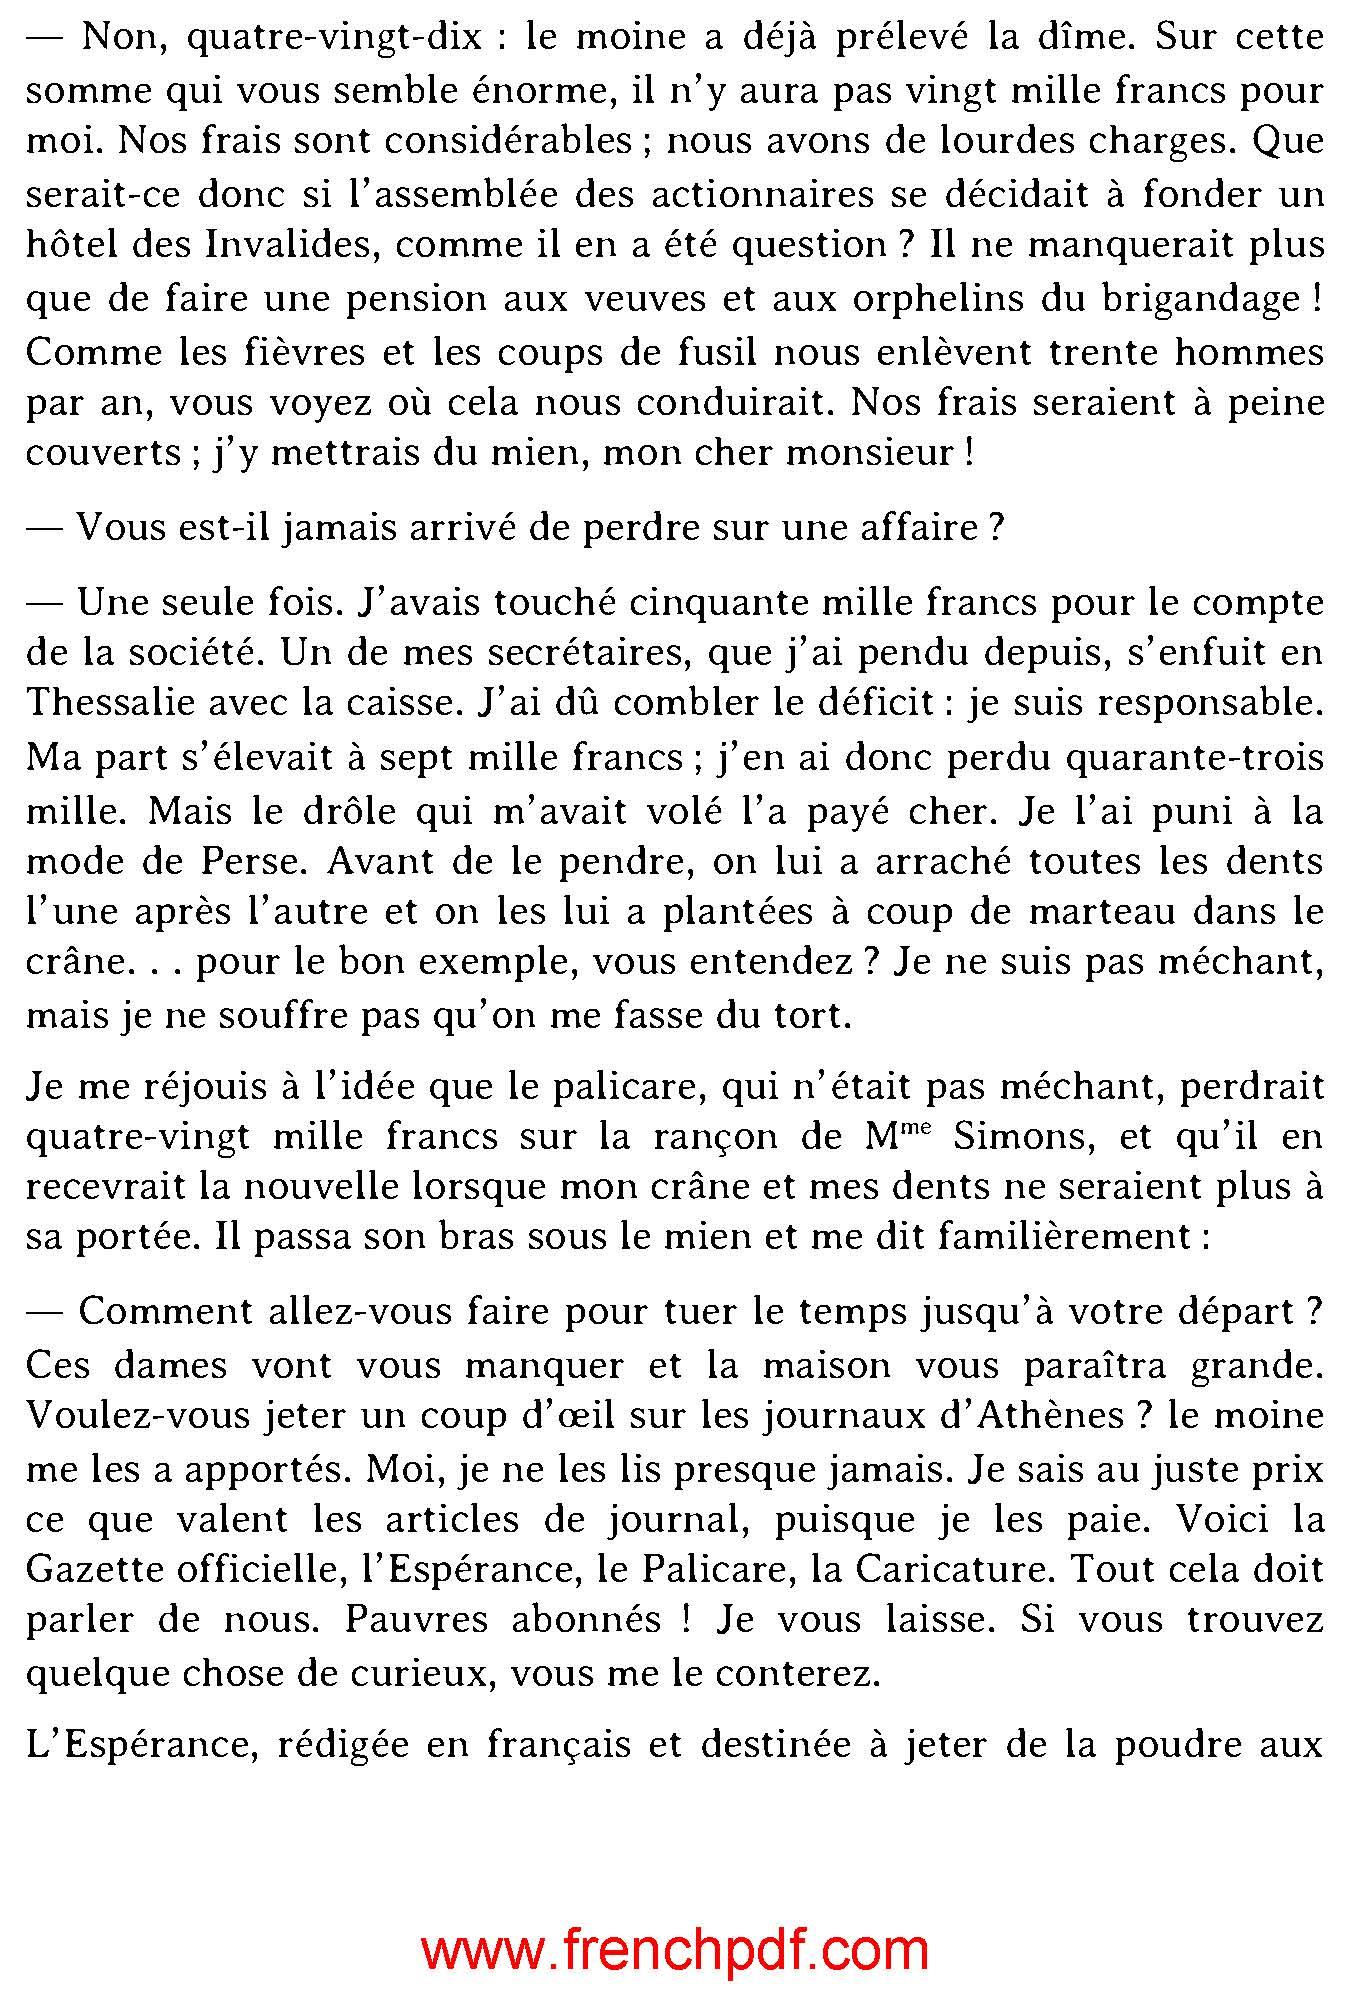 Le roi des montagnes PDF de Edmond About 4